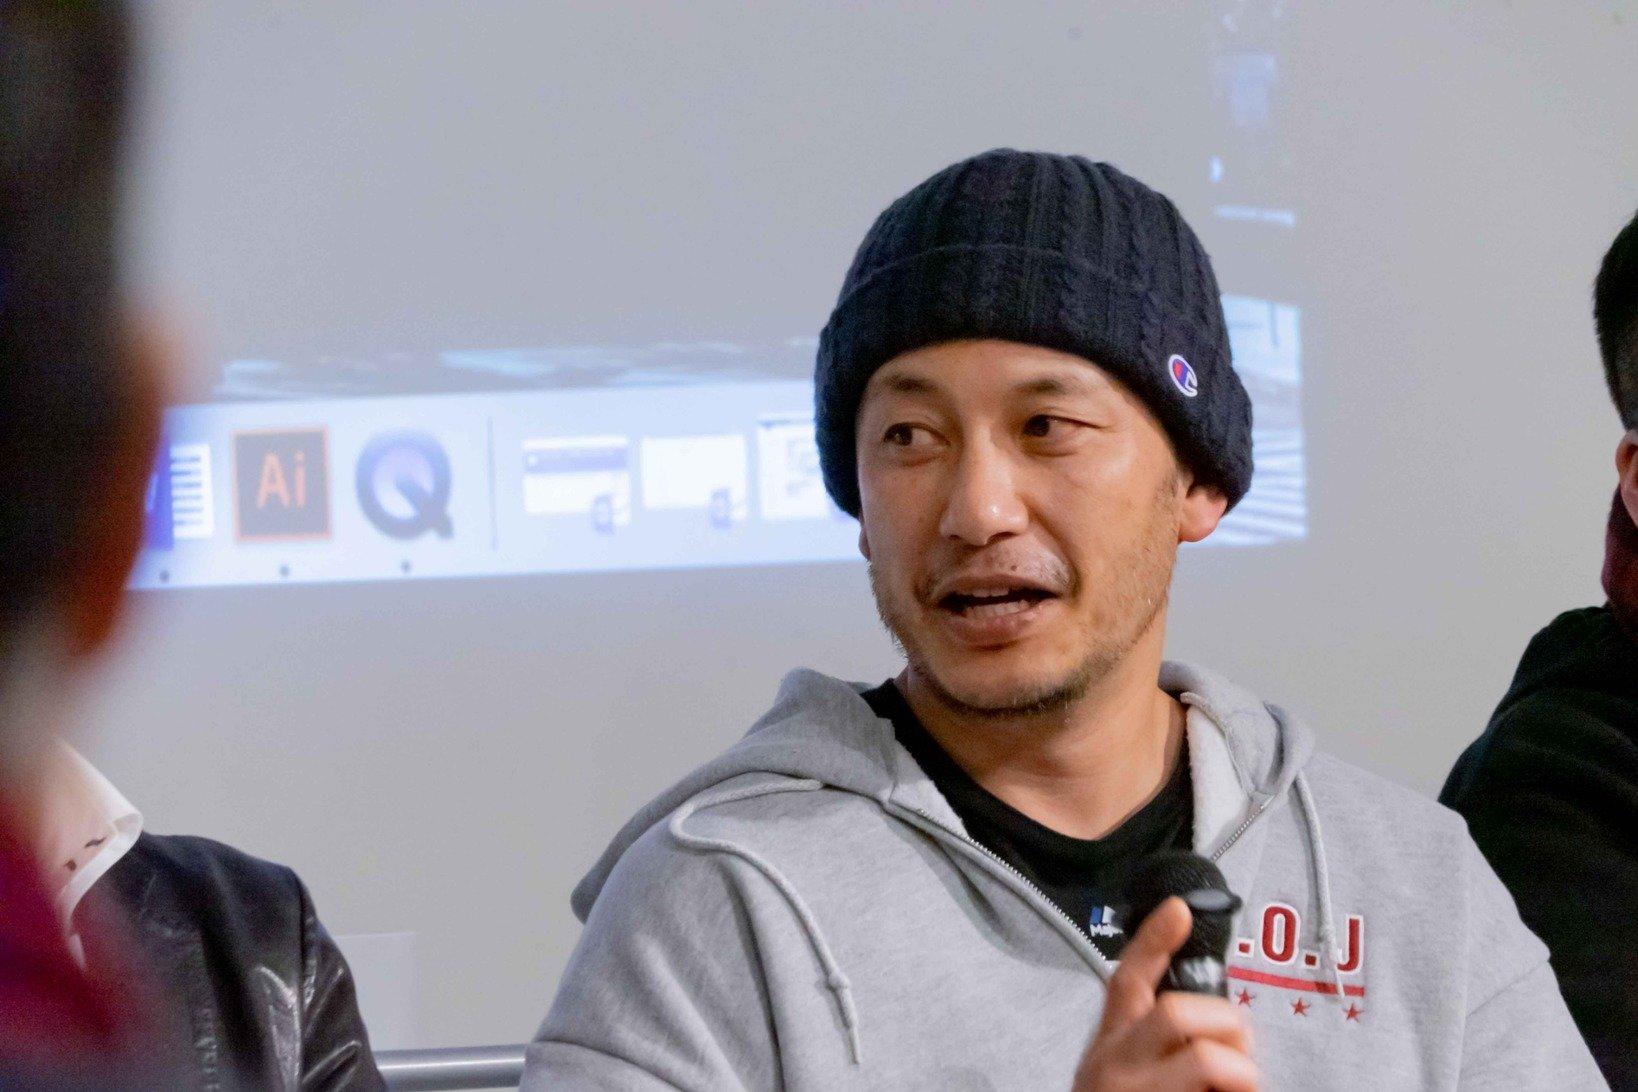 パチモンコレクターの木村さん